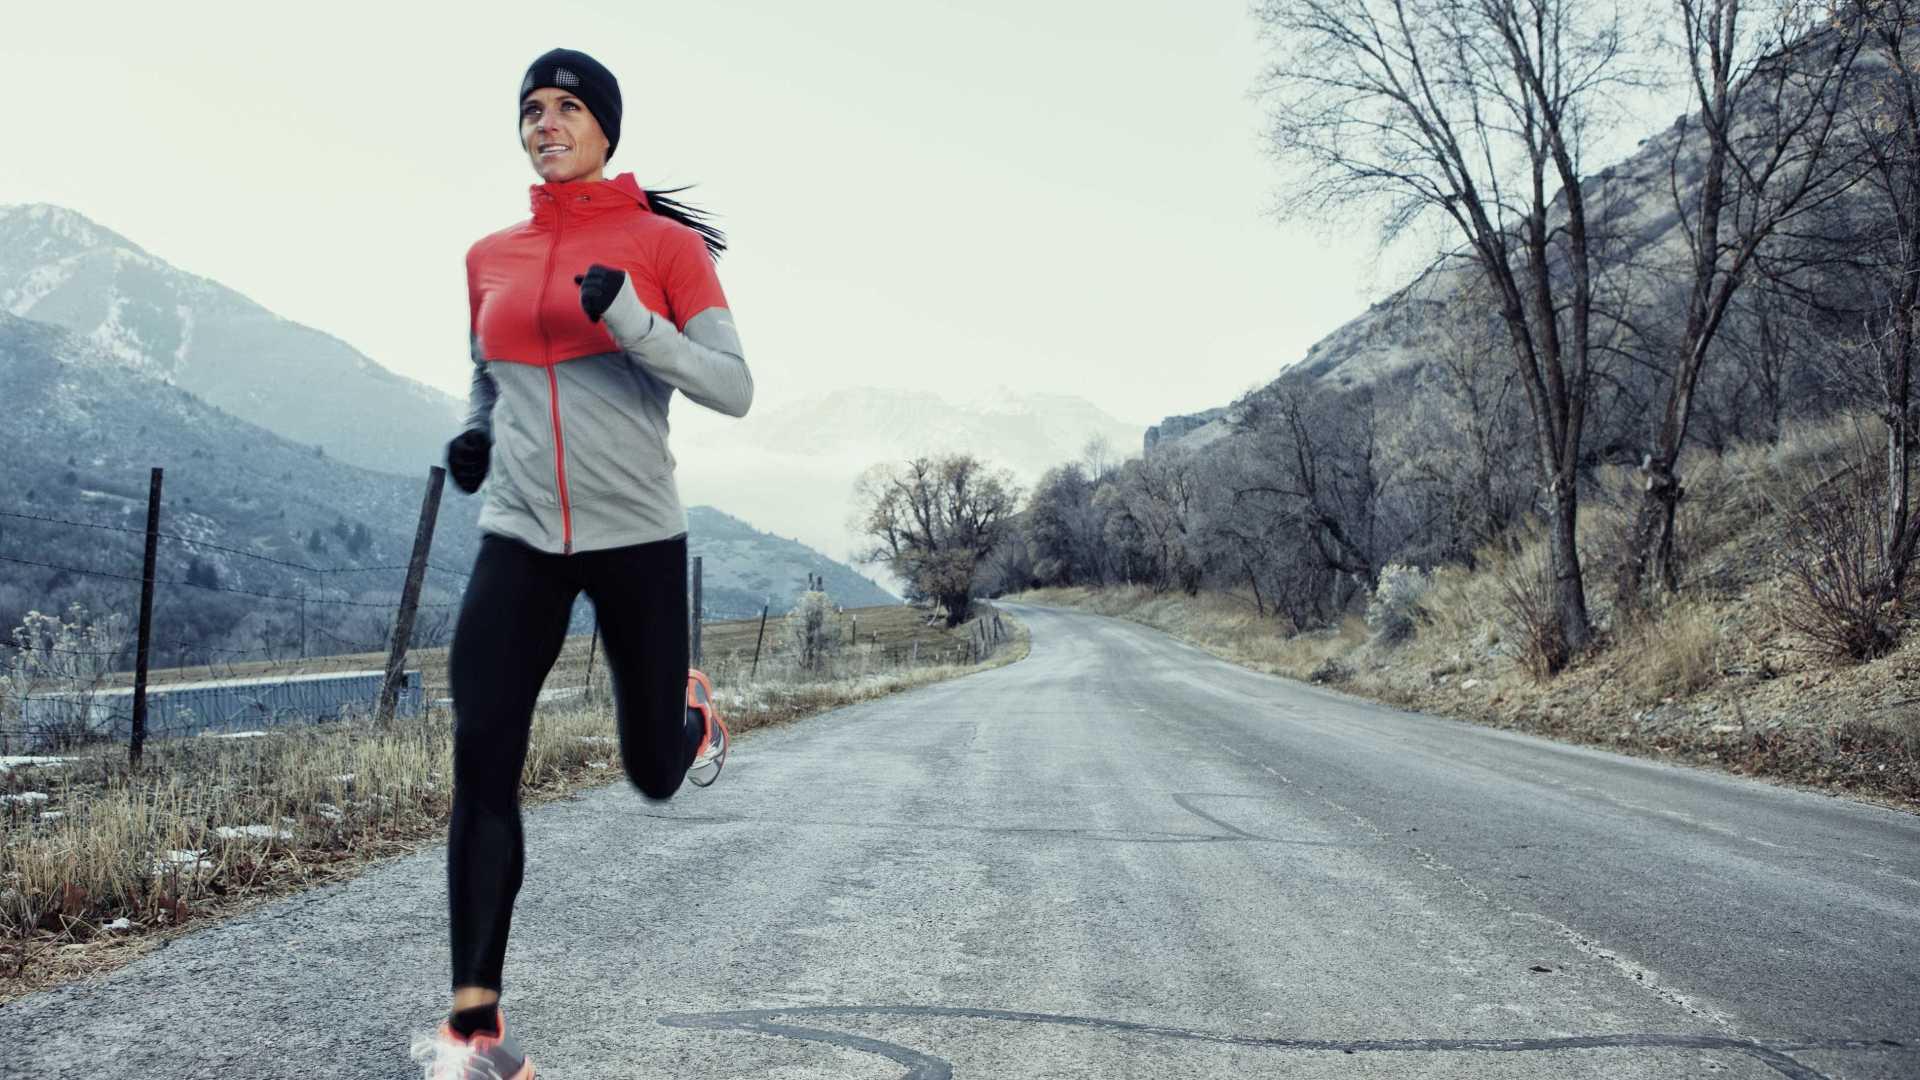 Как правильно бегать зимой на улице - советы врача